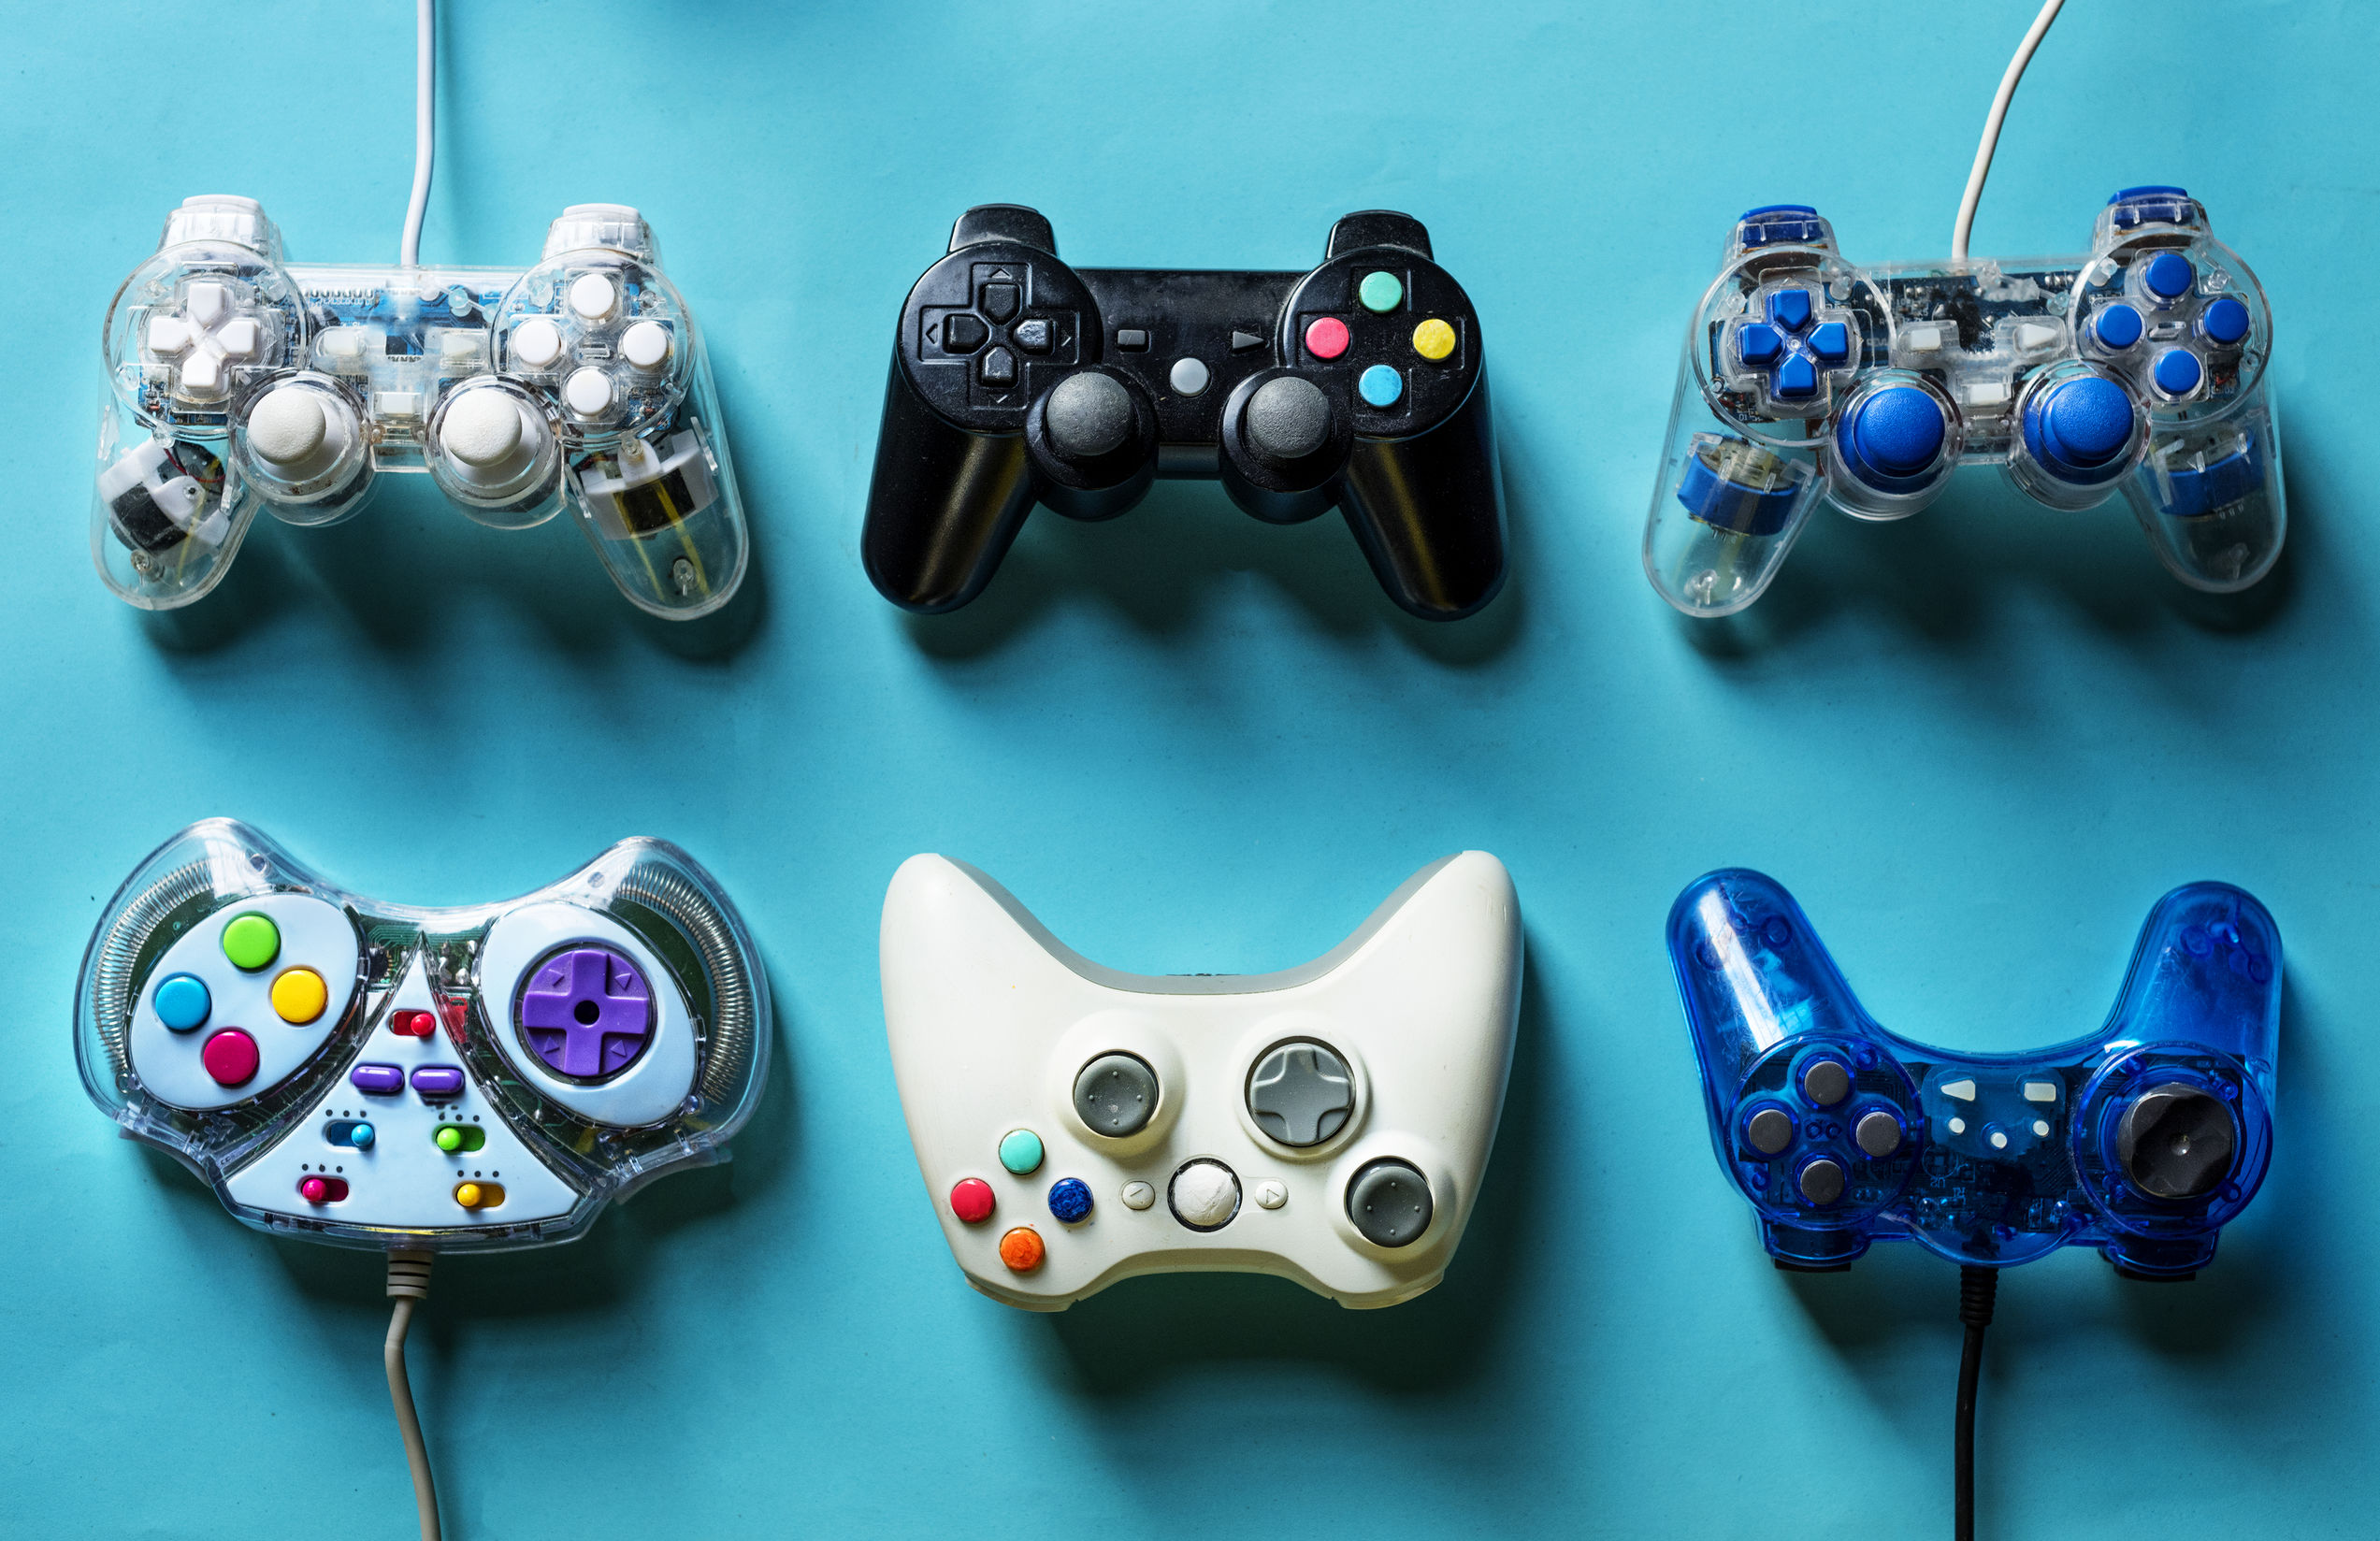 videogamescontrollers op een blauwe achtergrond